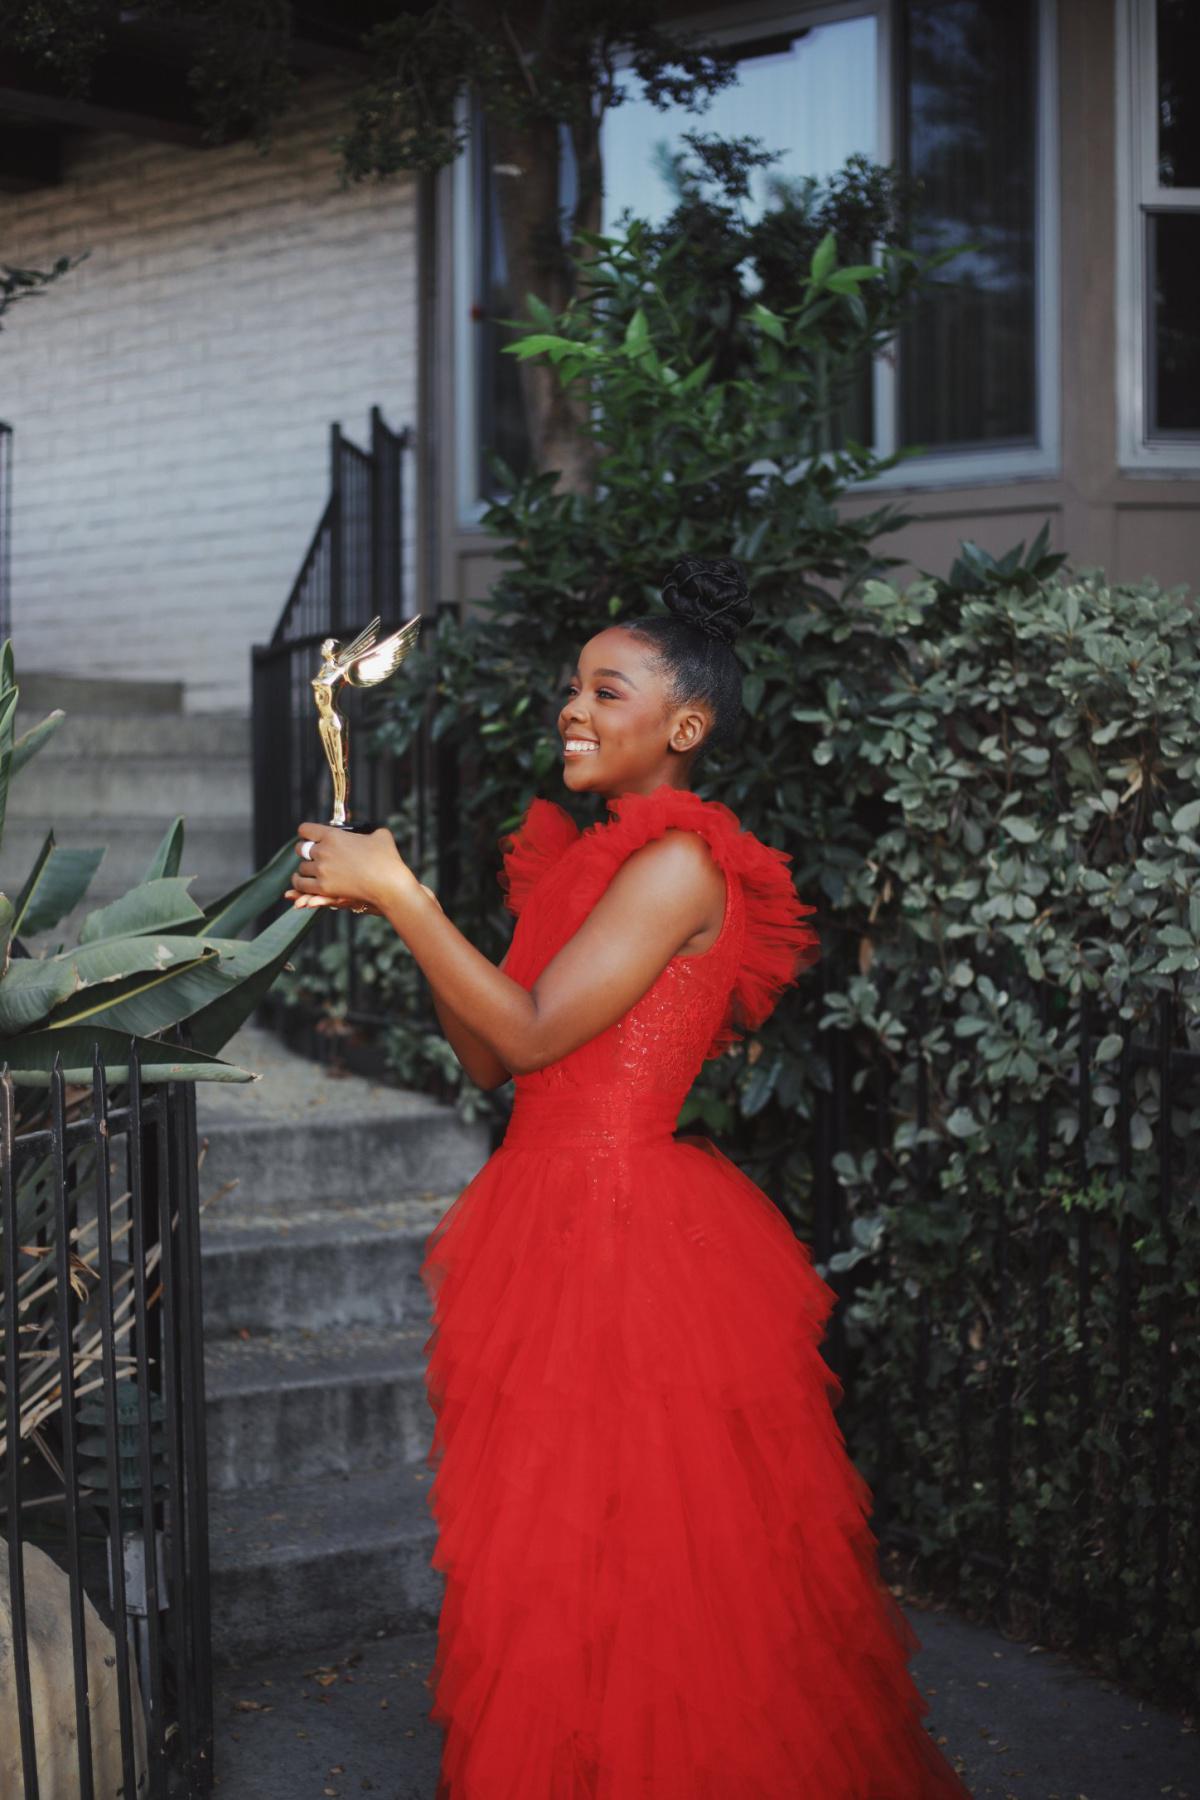 Congratulations To Actress Thuso Mbedu For Winning An International Award